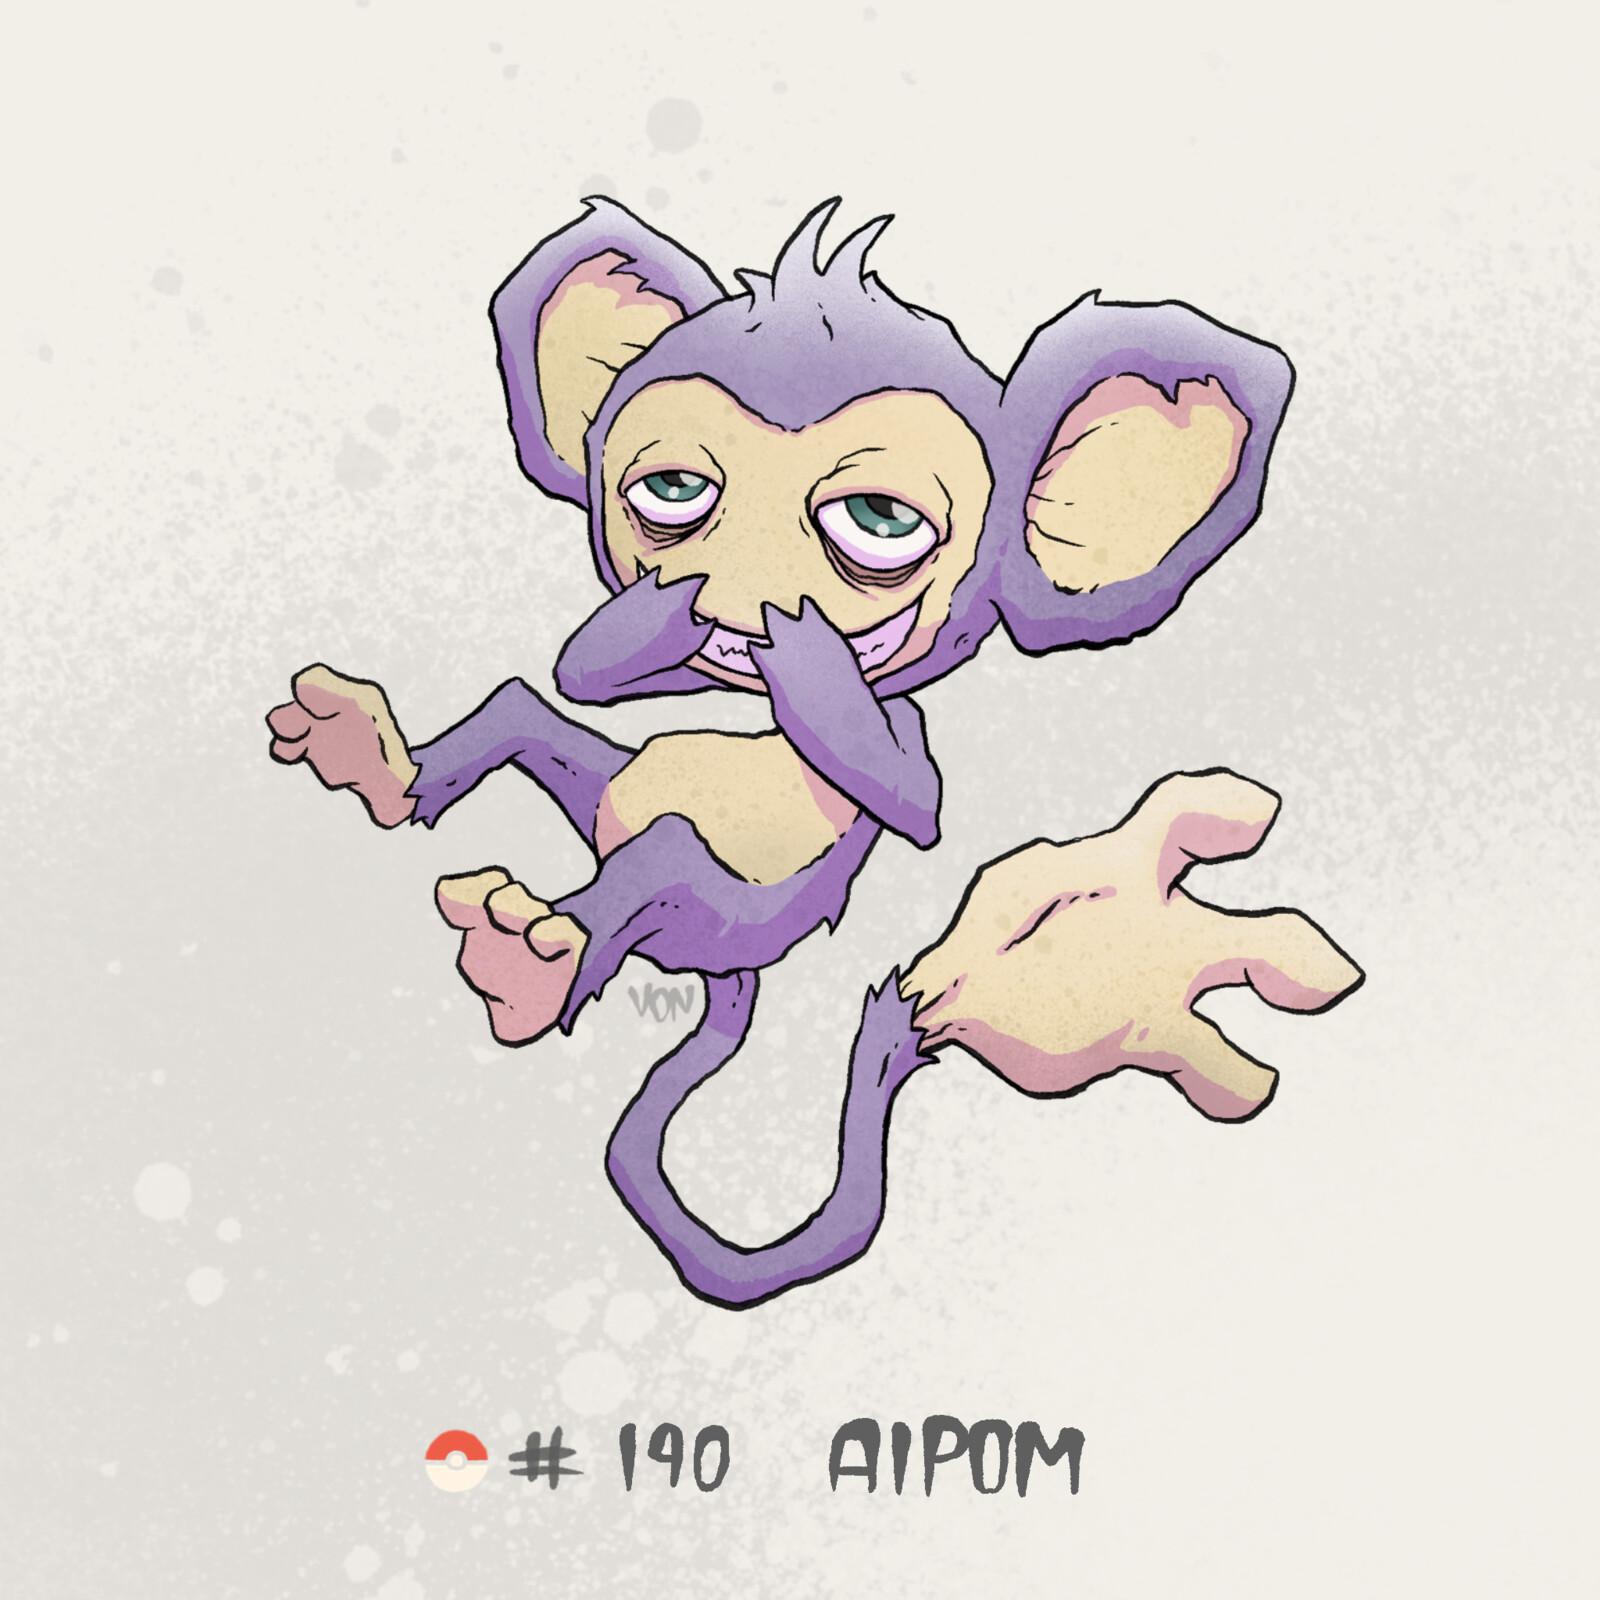 #190 Aipom